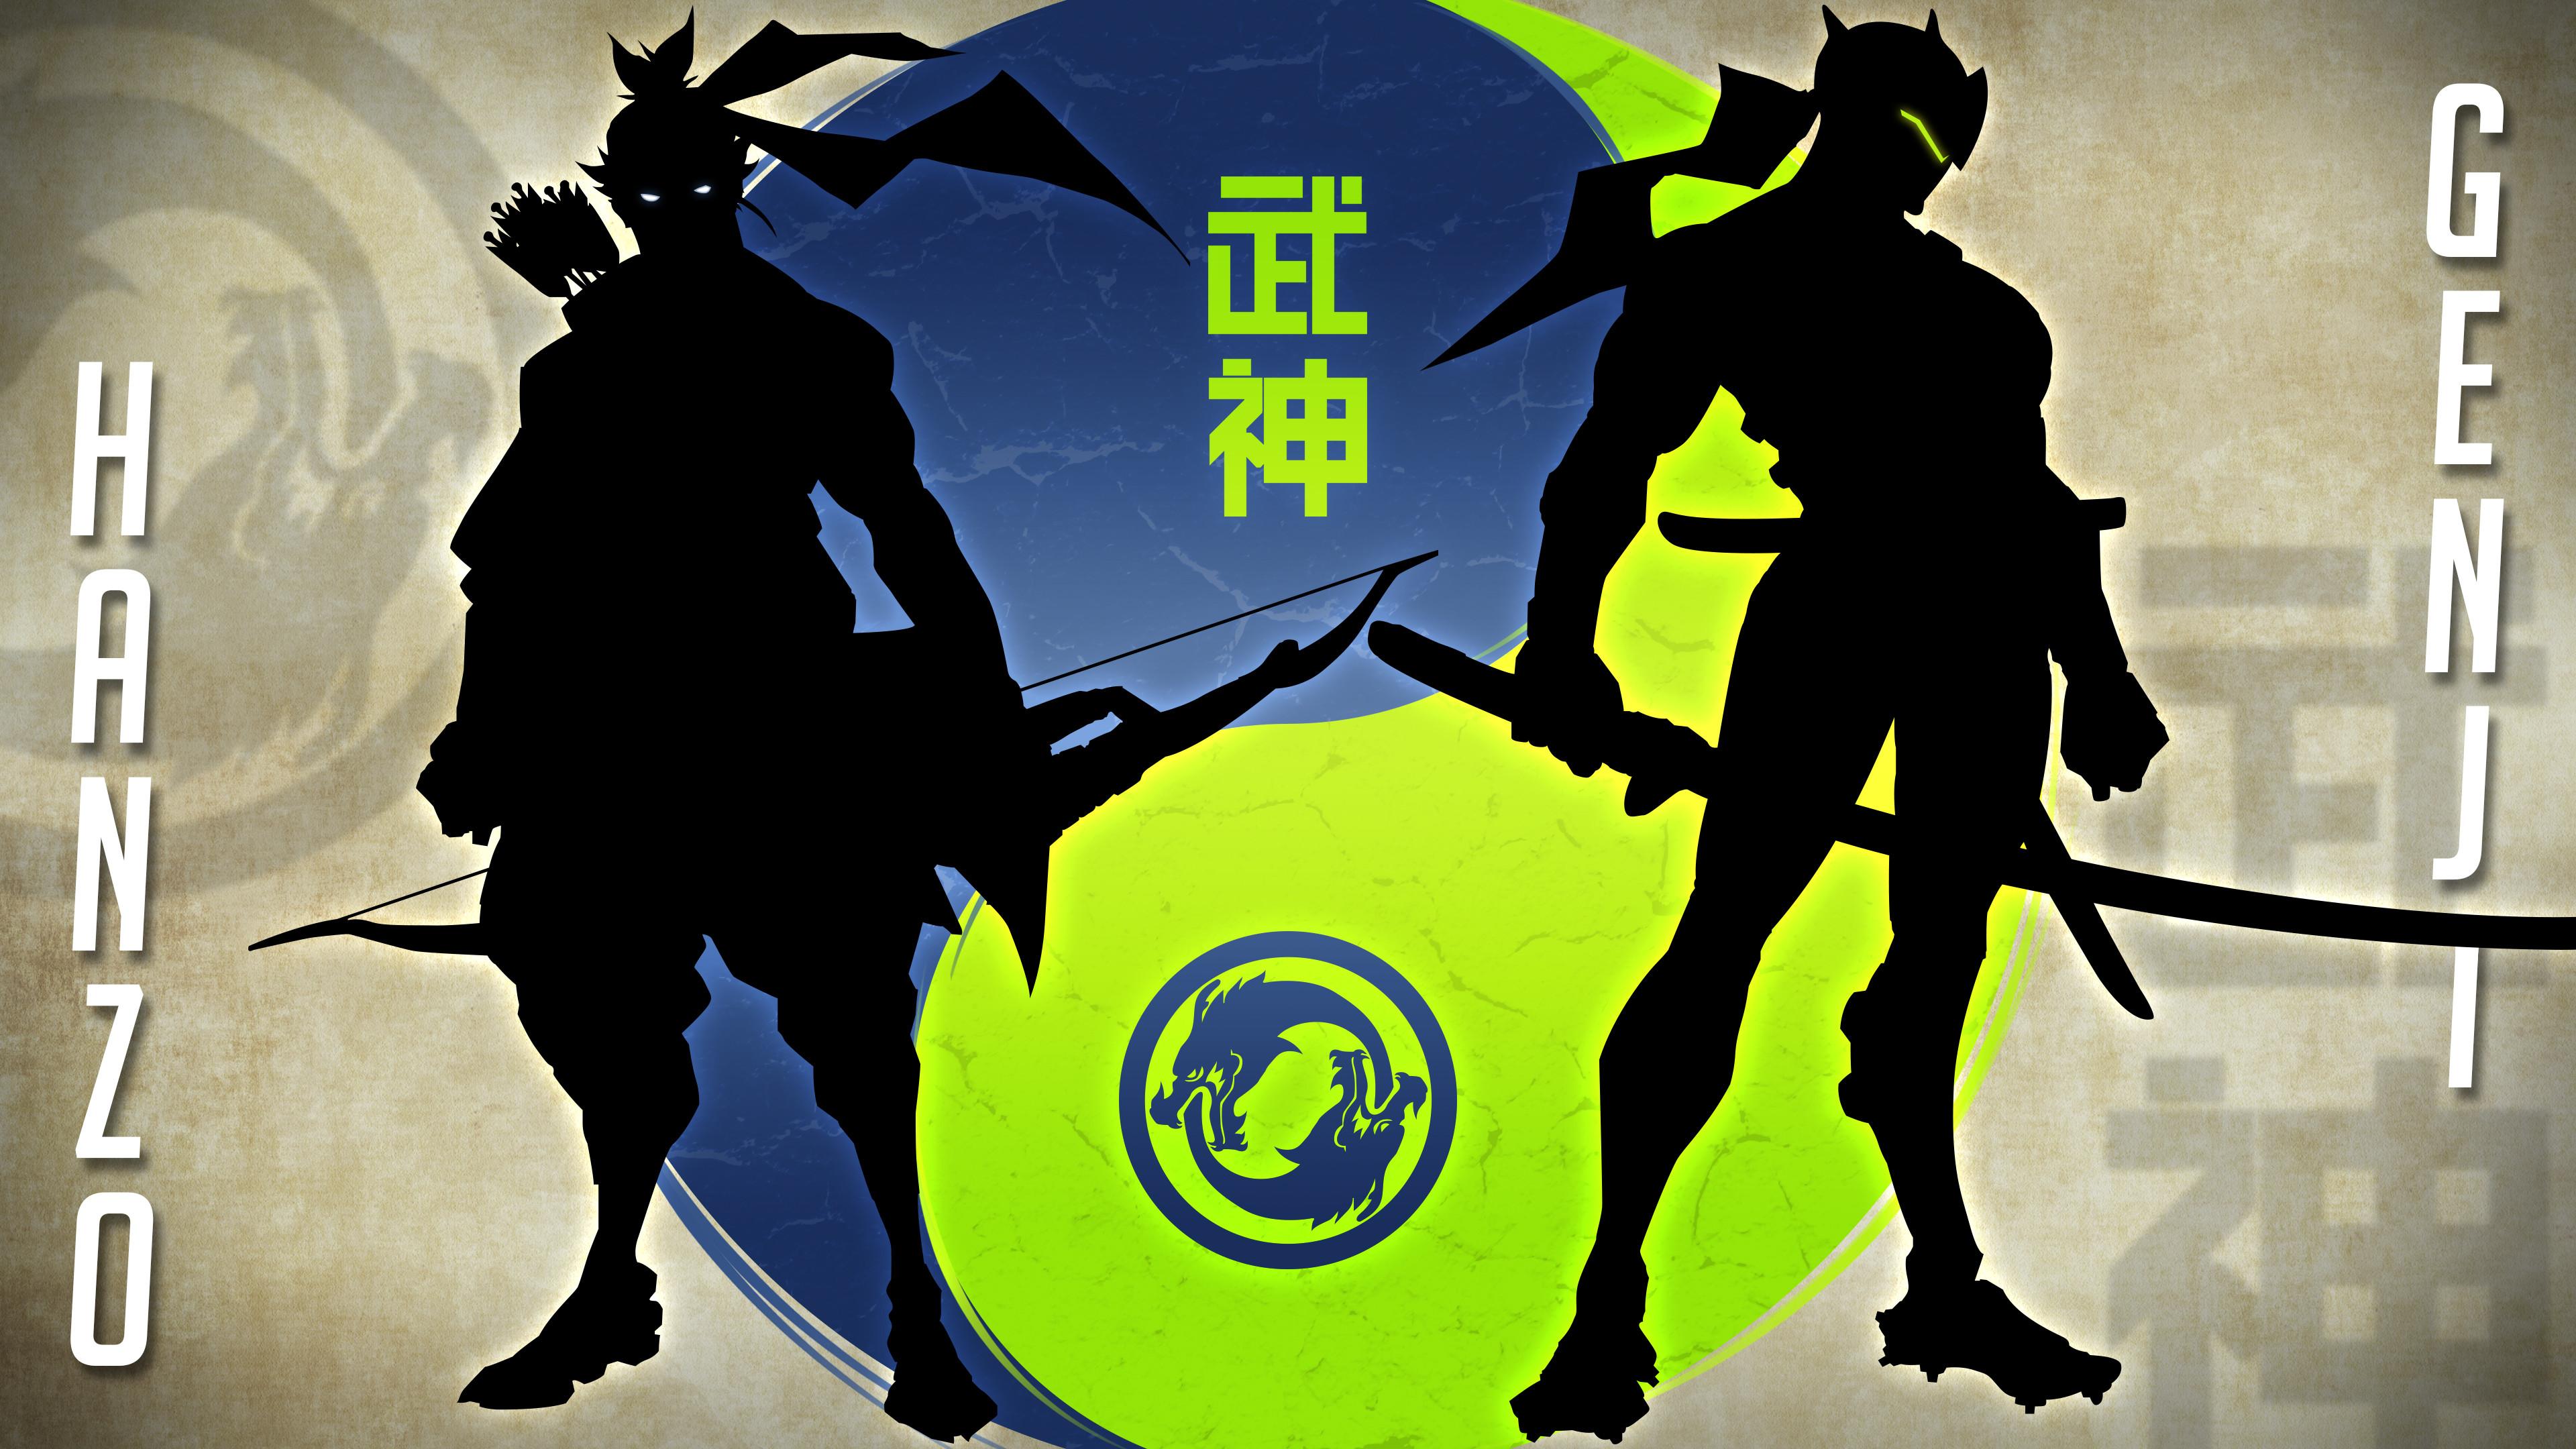 Video Game Overwatch Genji (Overwatch) Hanzo (Overwatch) Yin & Yang Shimada  Wallpaper